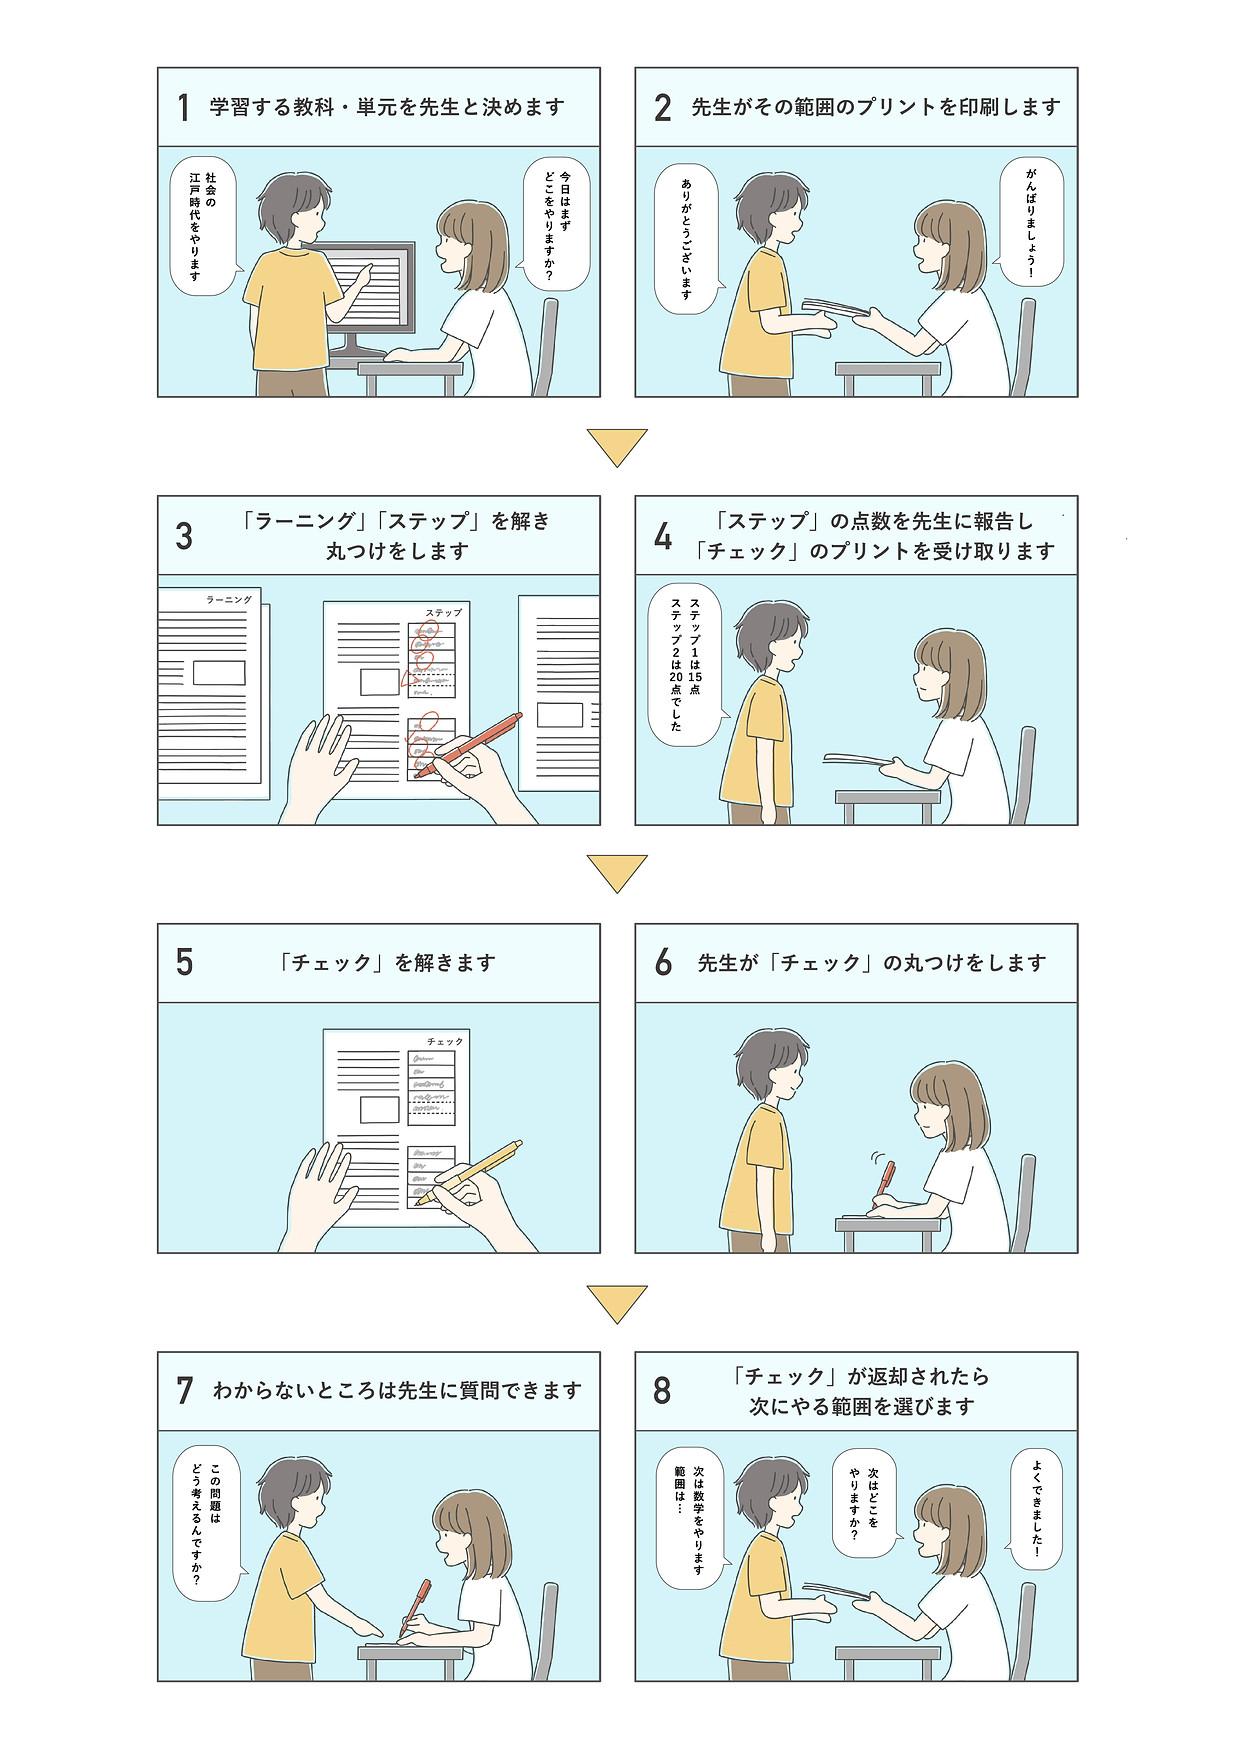 漫画修正版 _アートボード 1.jpg